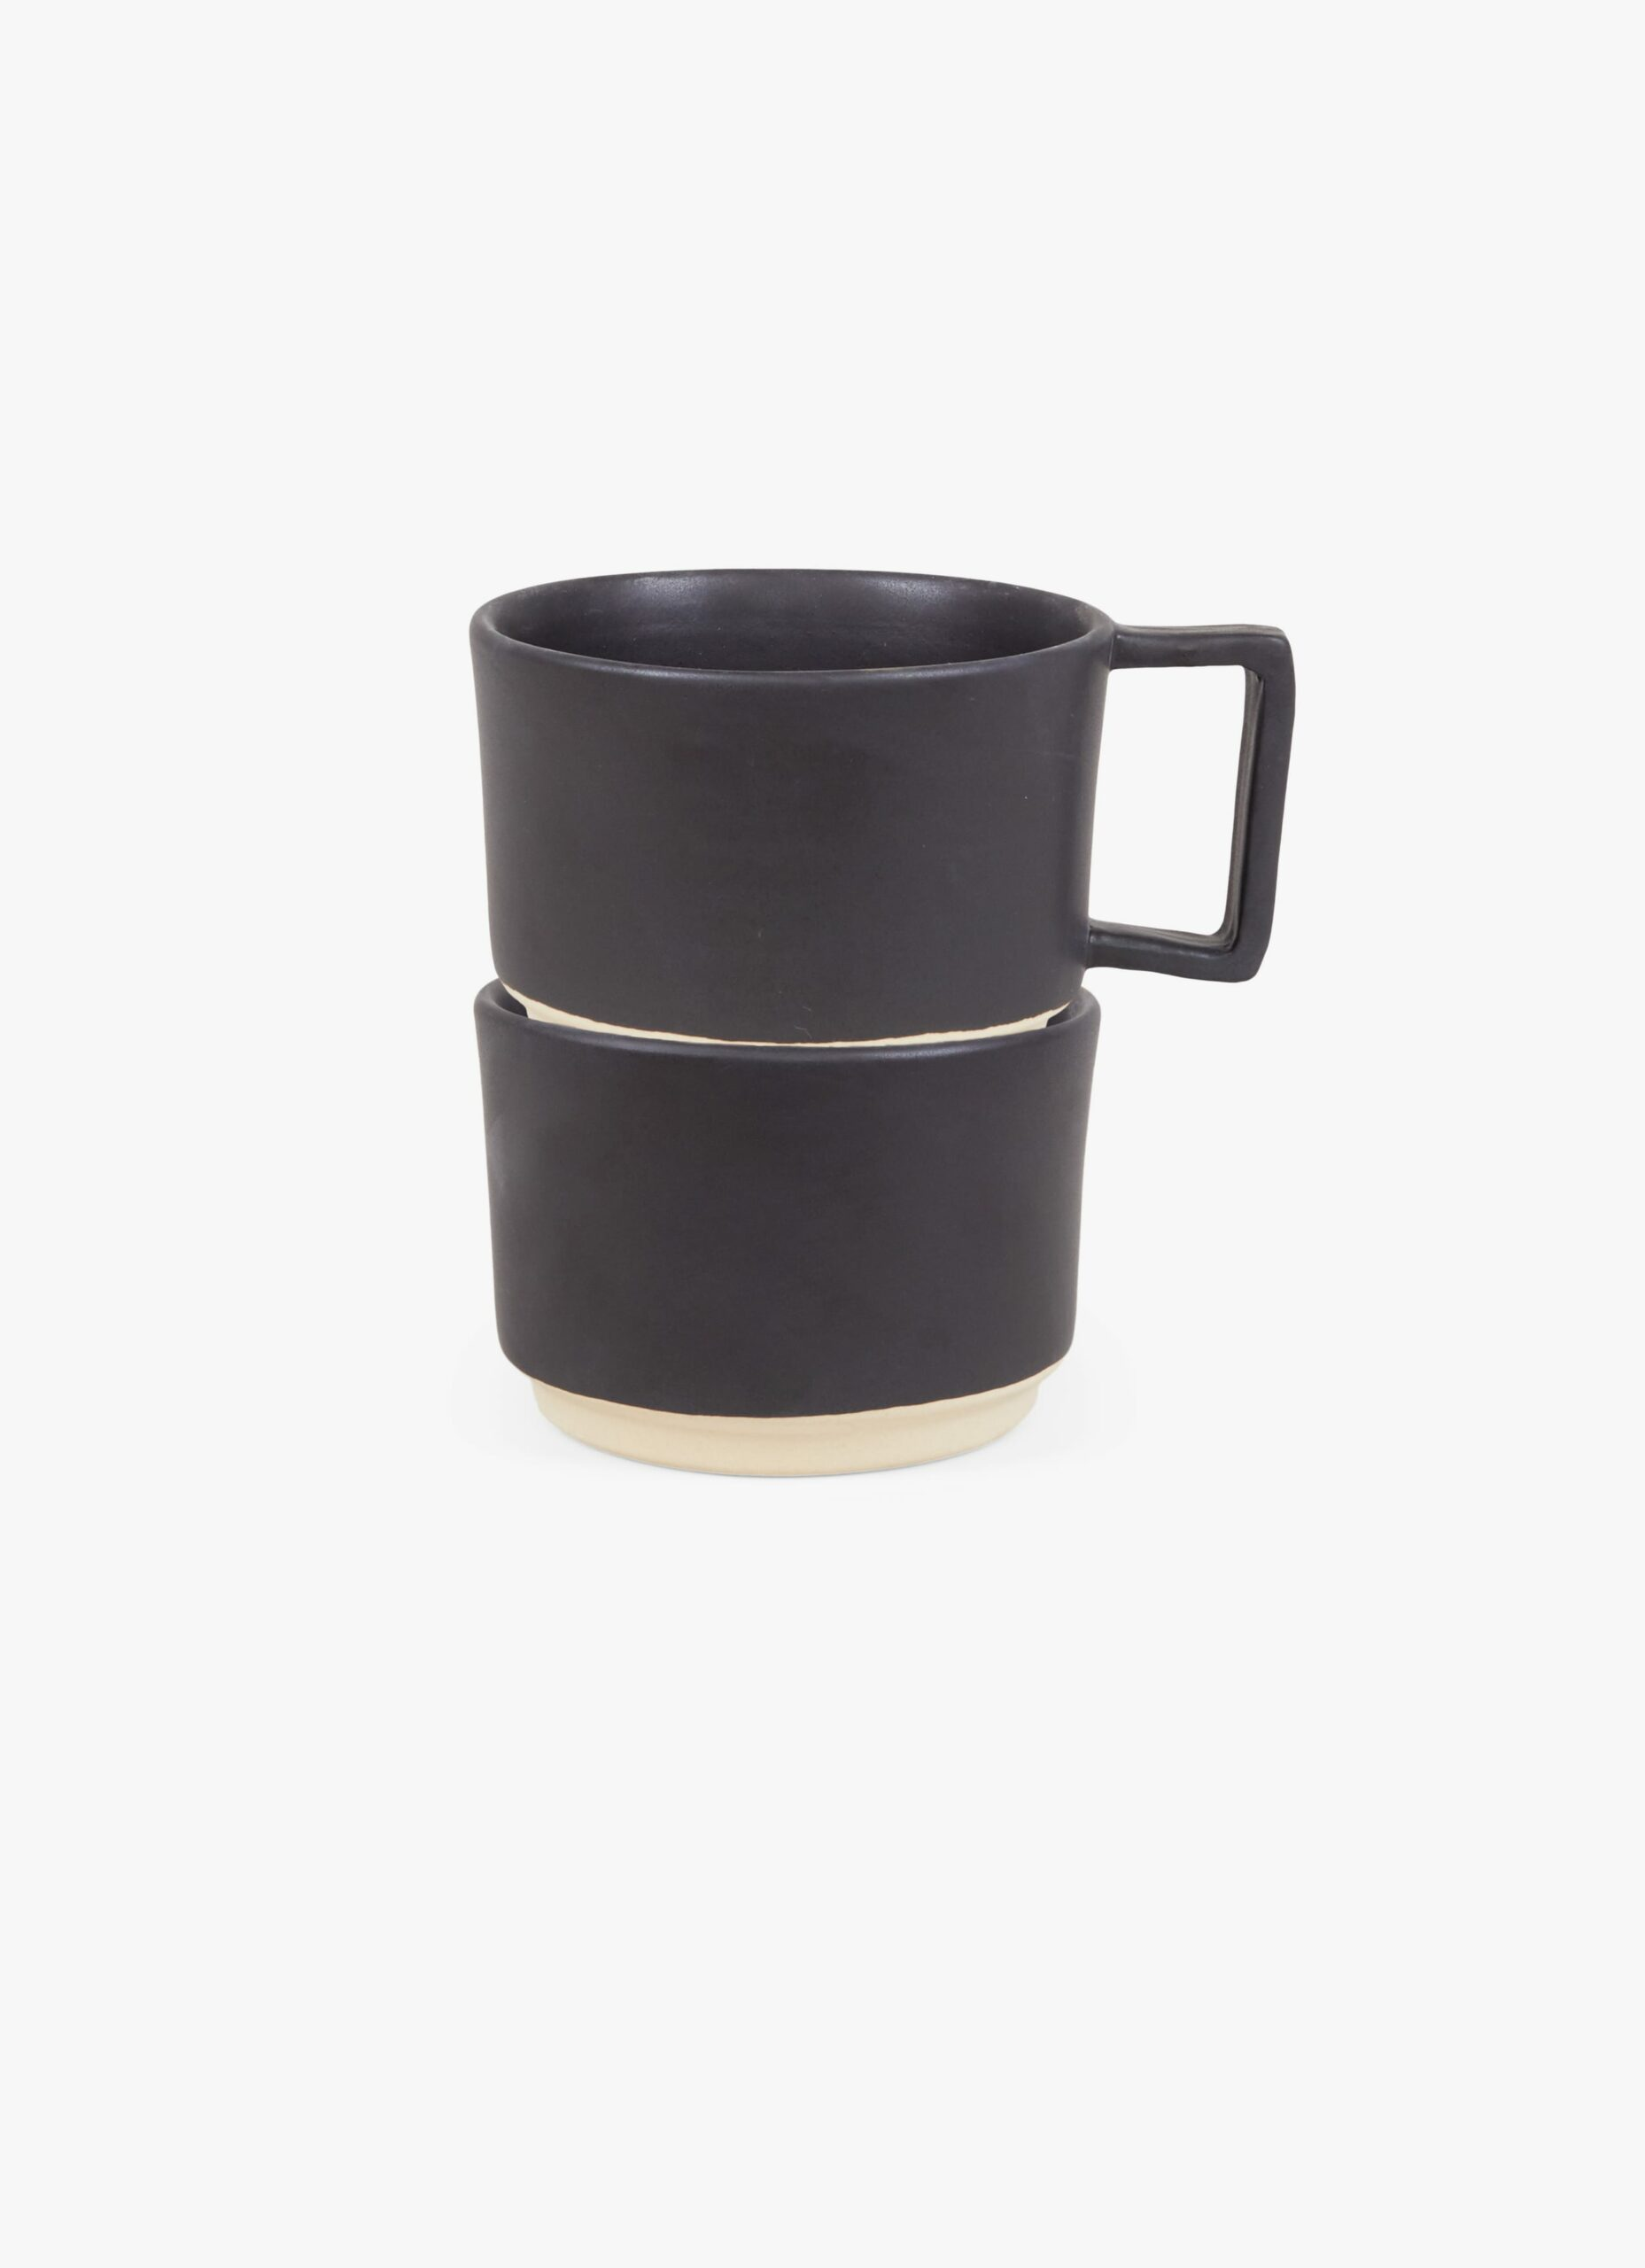 Frama - Otto - Low Mug with Handle - Black